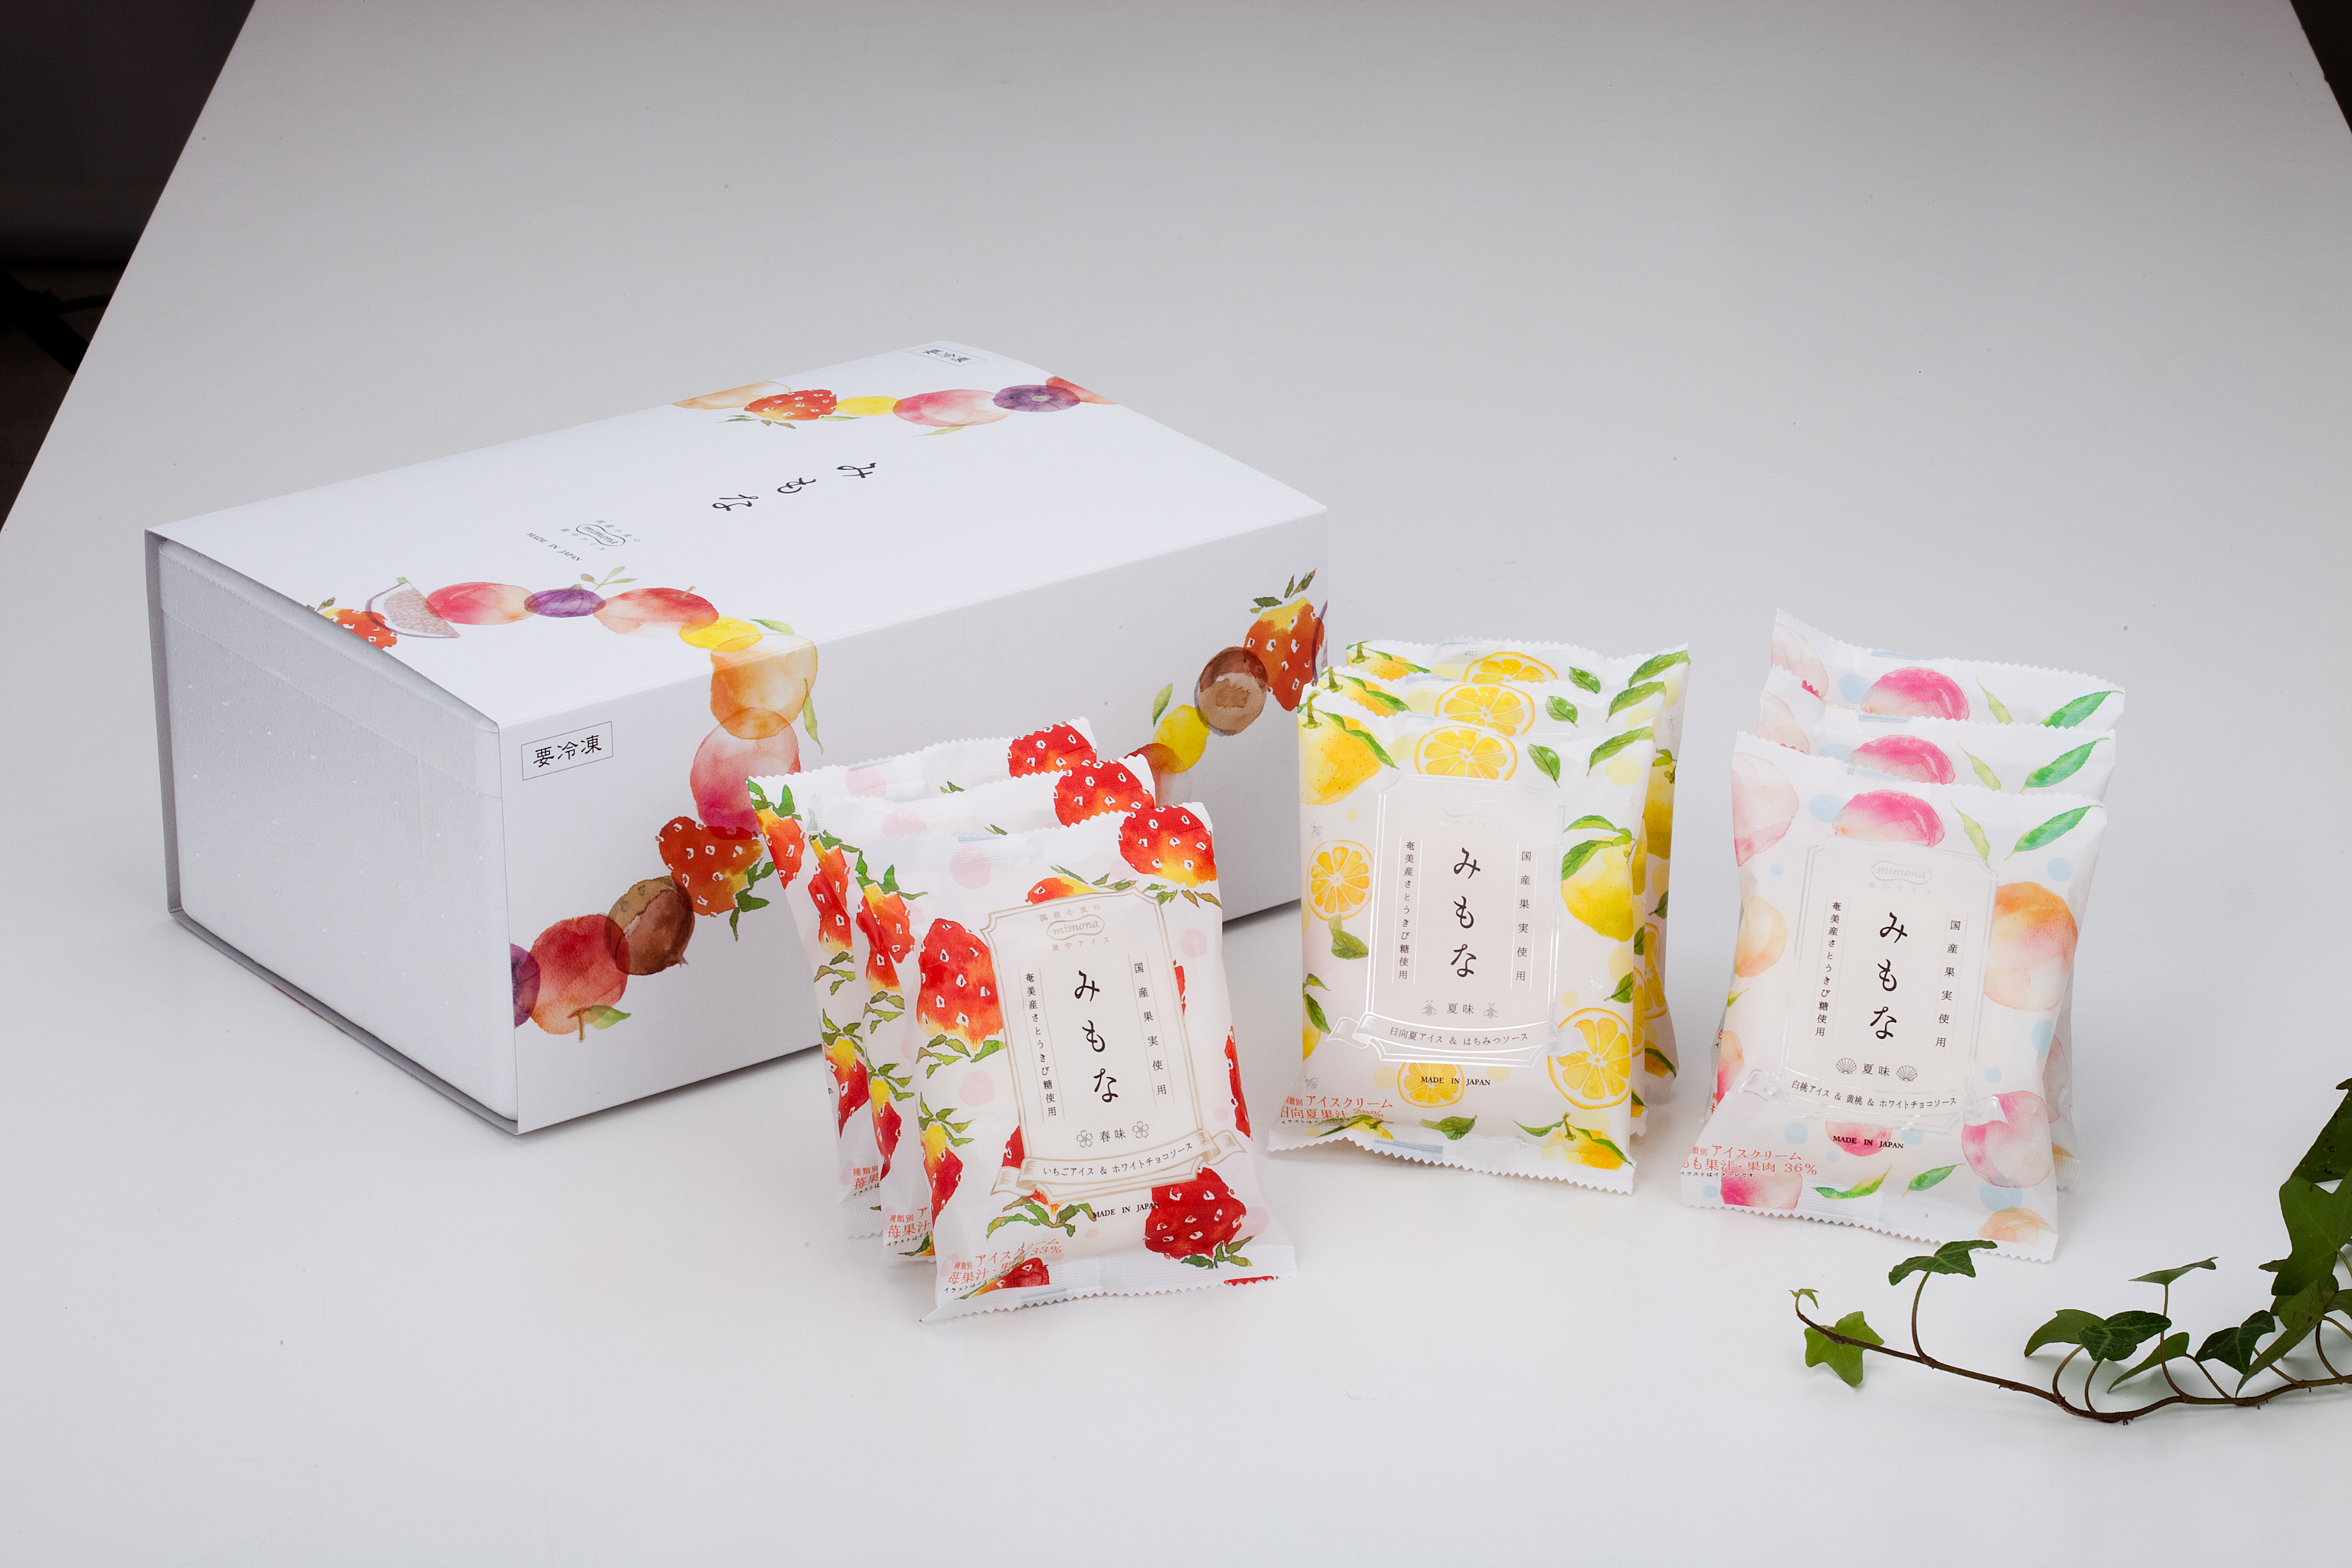 国産果実のアイスモナカ「みもな」セット (3種9個セット) CS011002